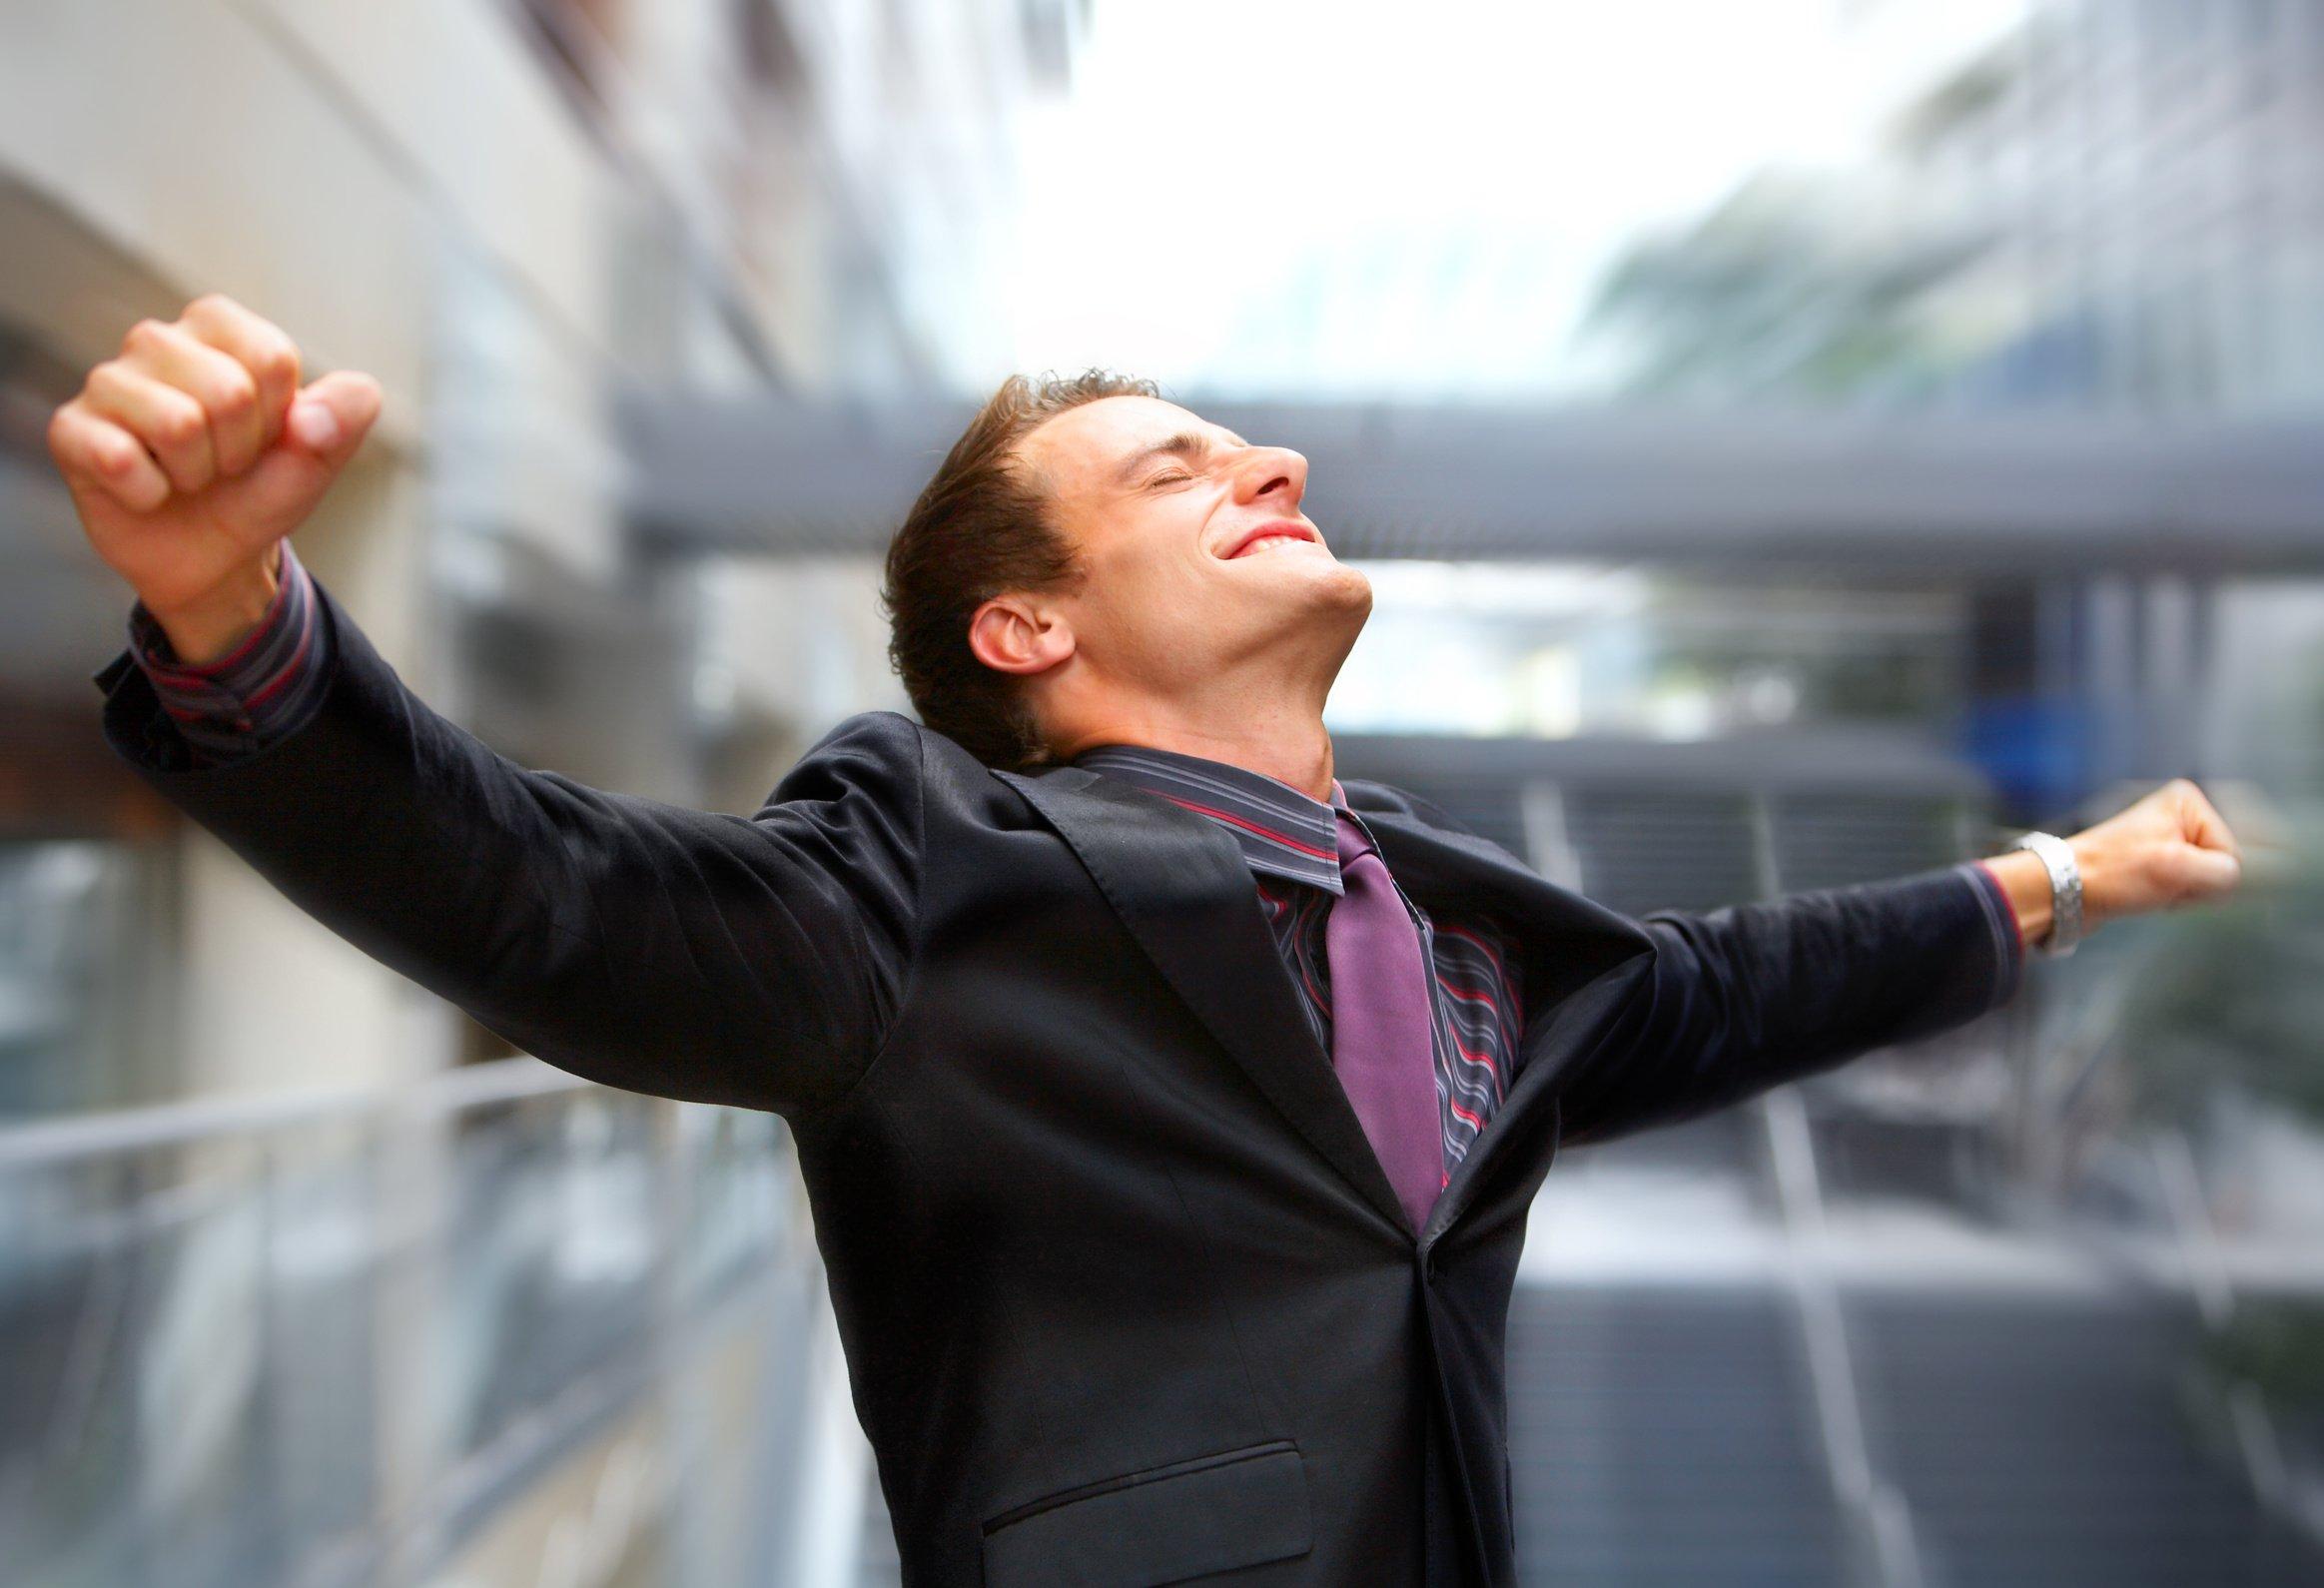 Чистым четвергом, смешные картинки мужчин на работе